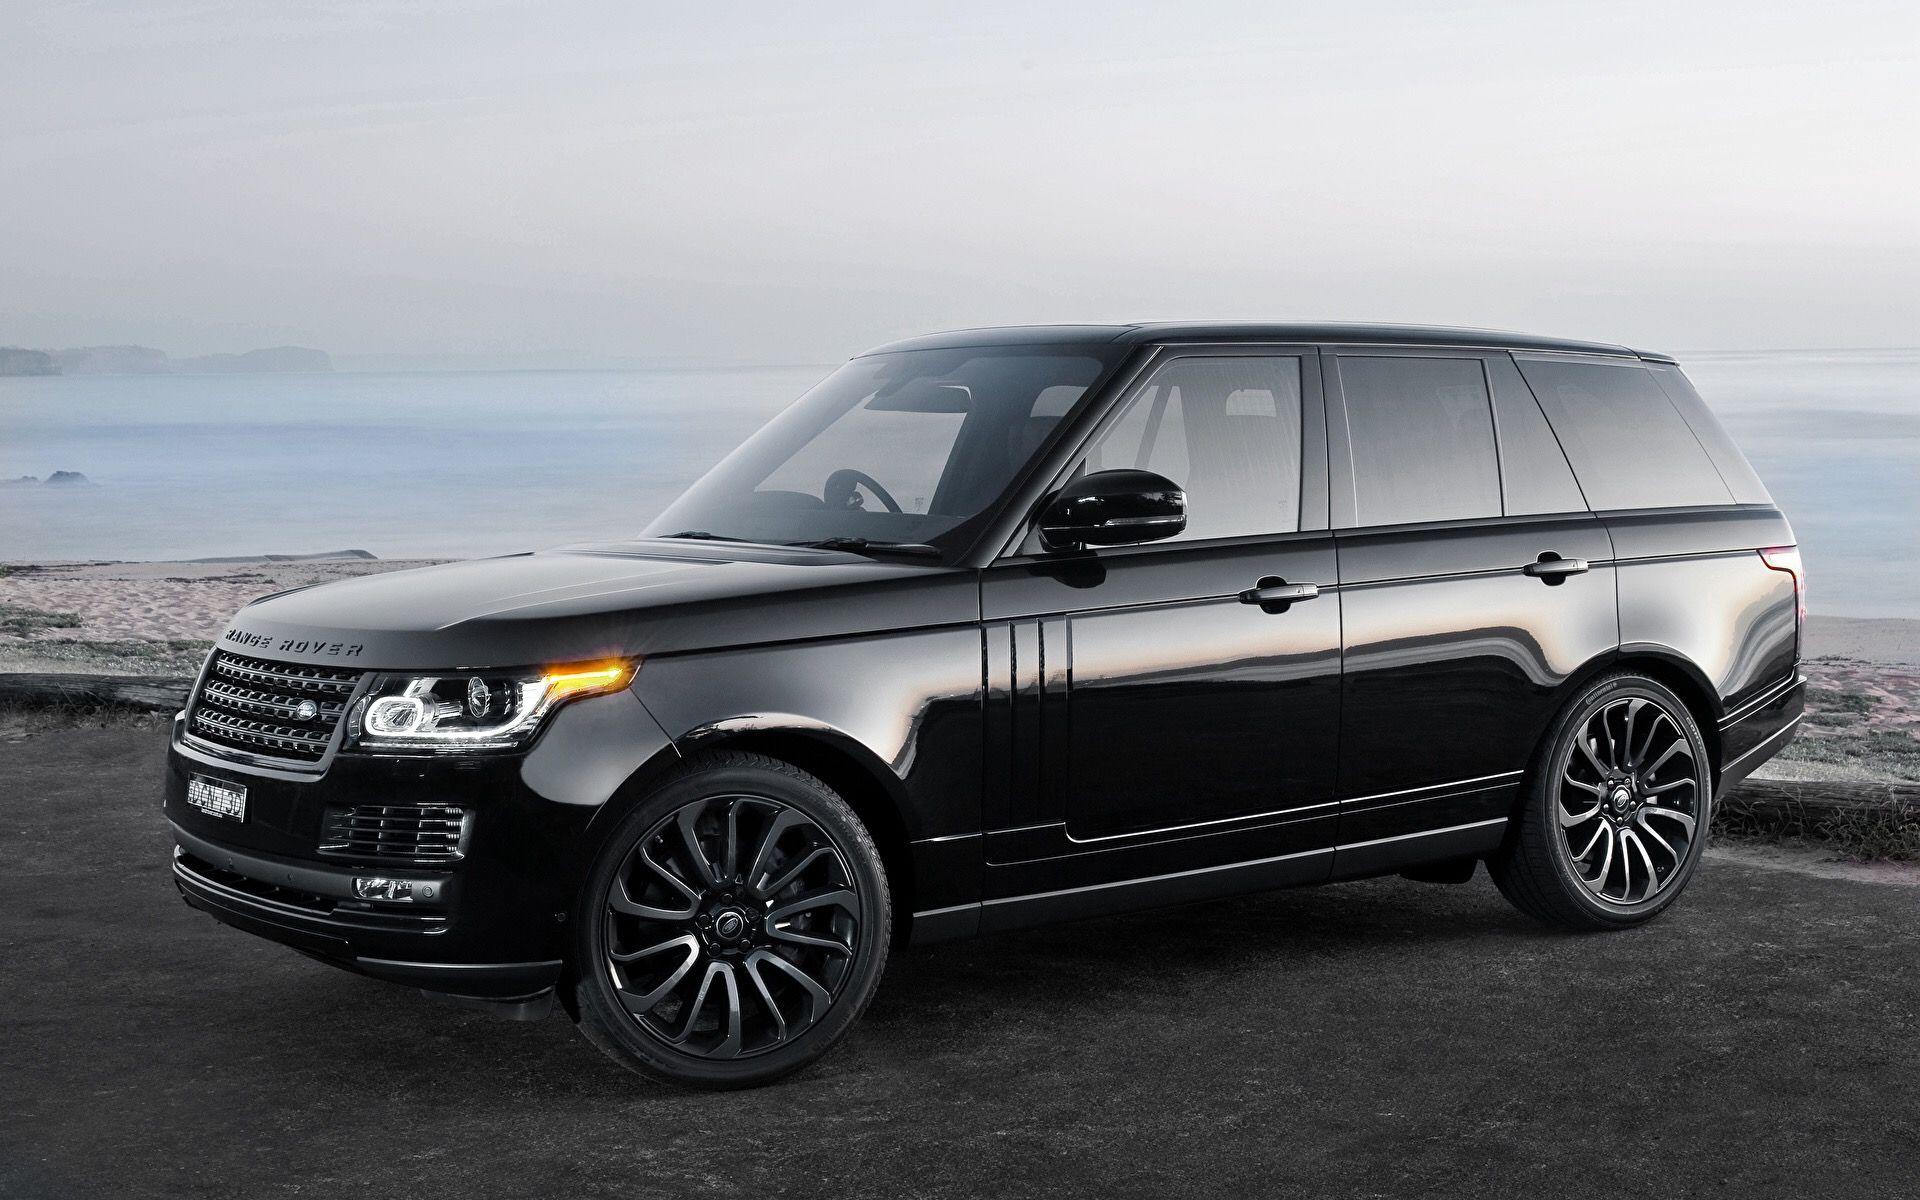 Range Rover Vogue 2012 н.в. Автомобили, Коричневый, Черный